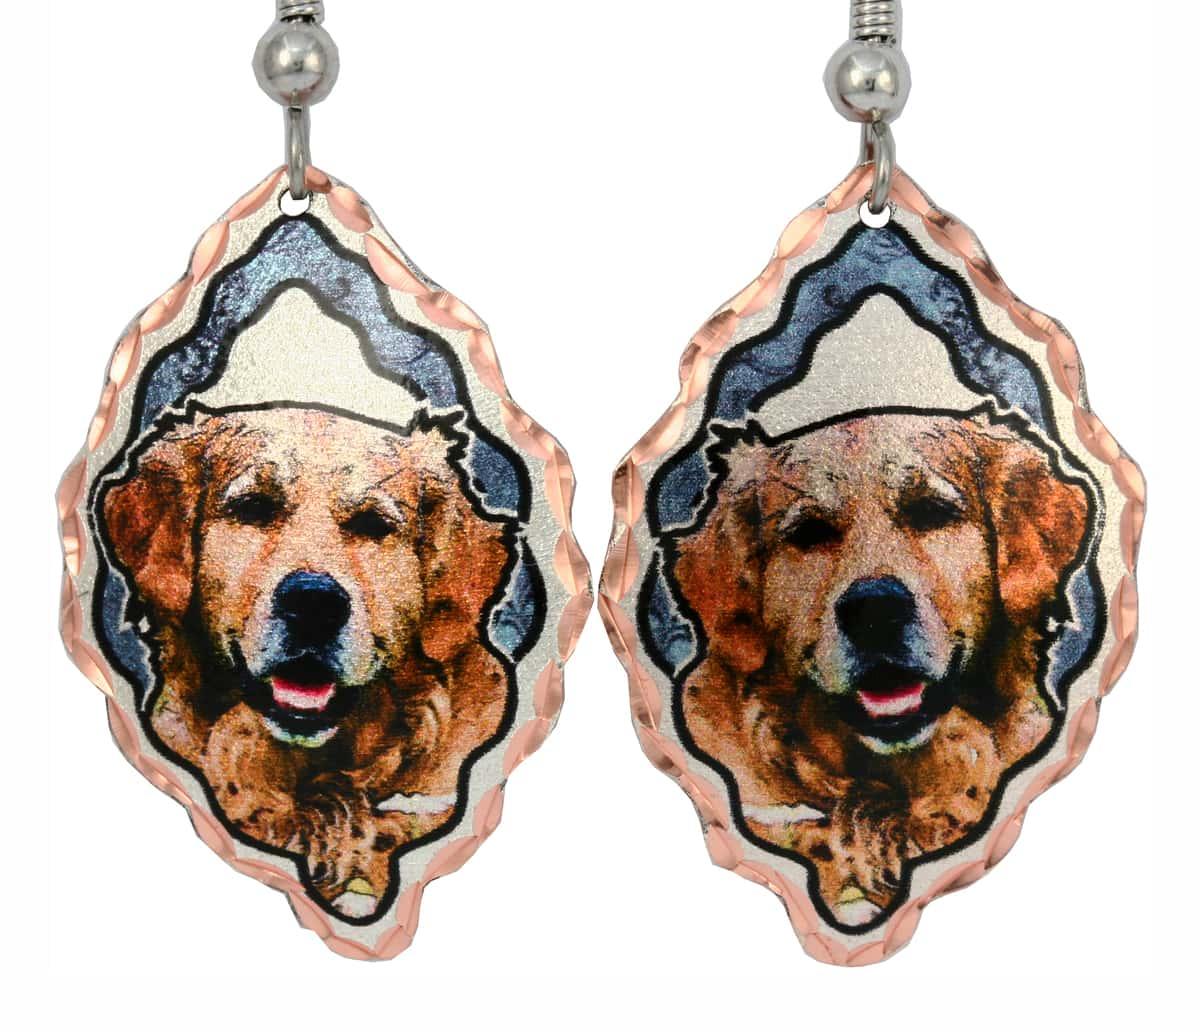 Golden Retriever Earrings, Cute Dog Jewelry